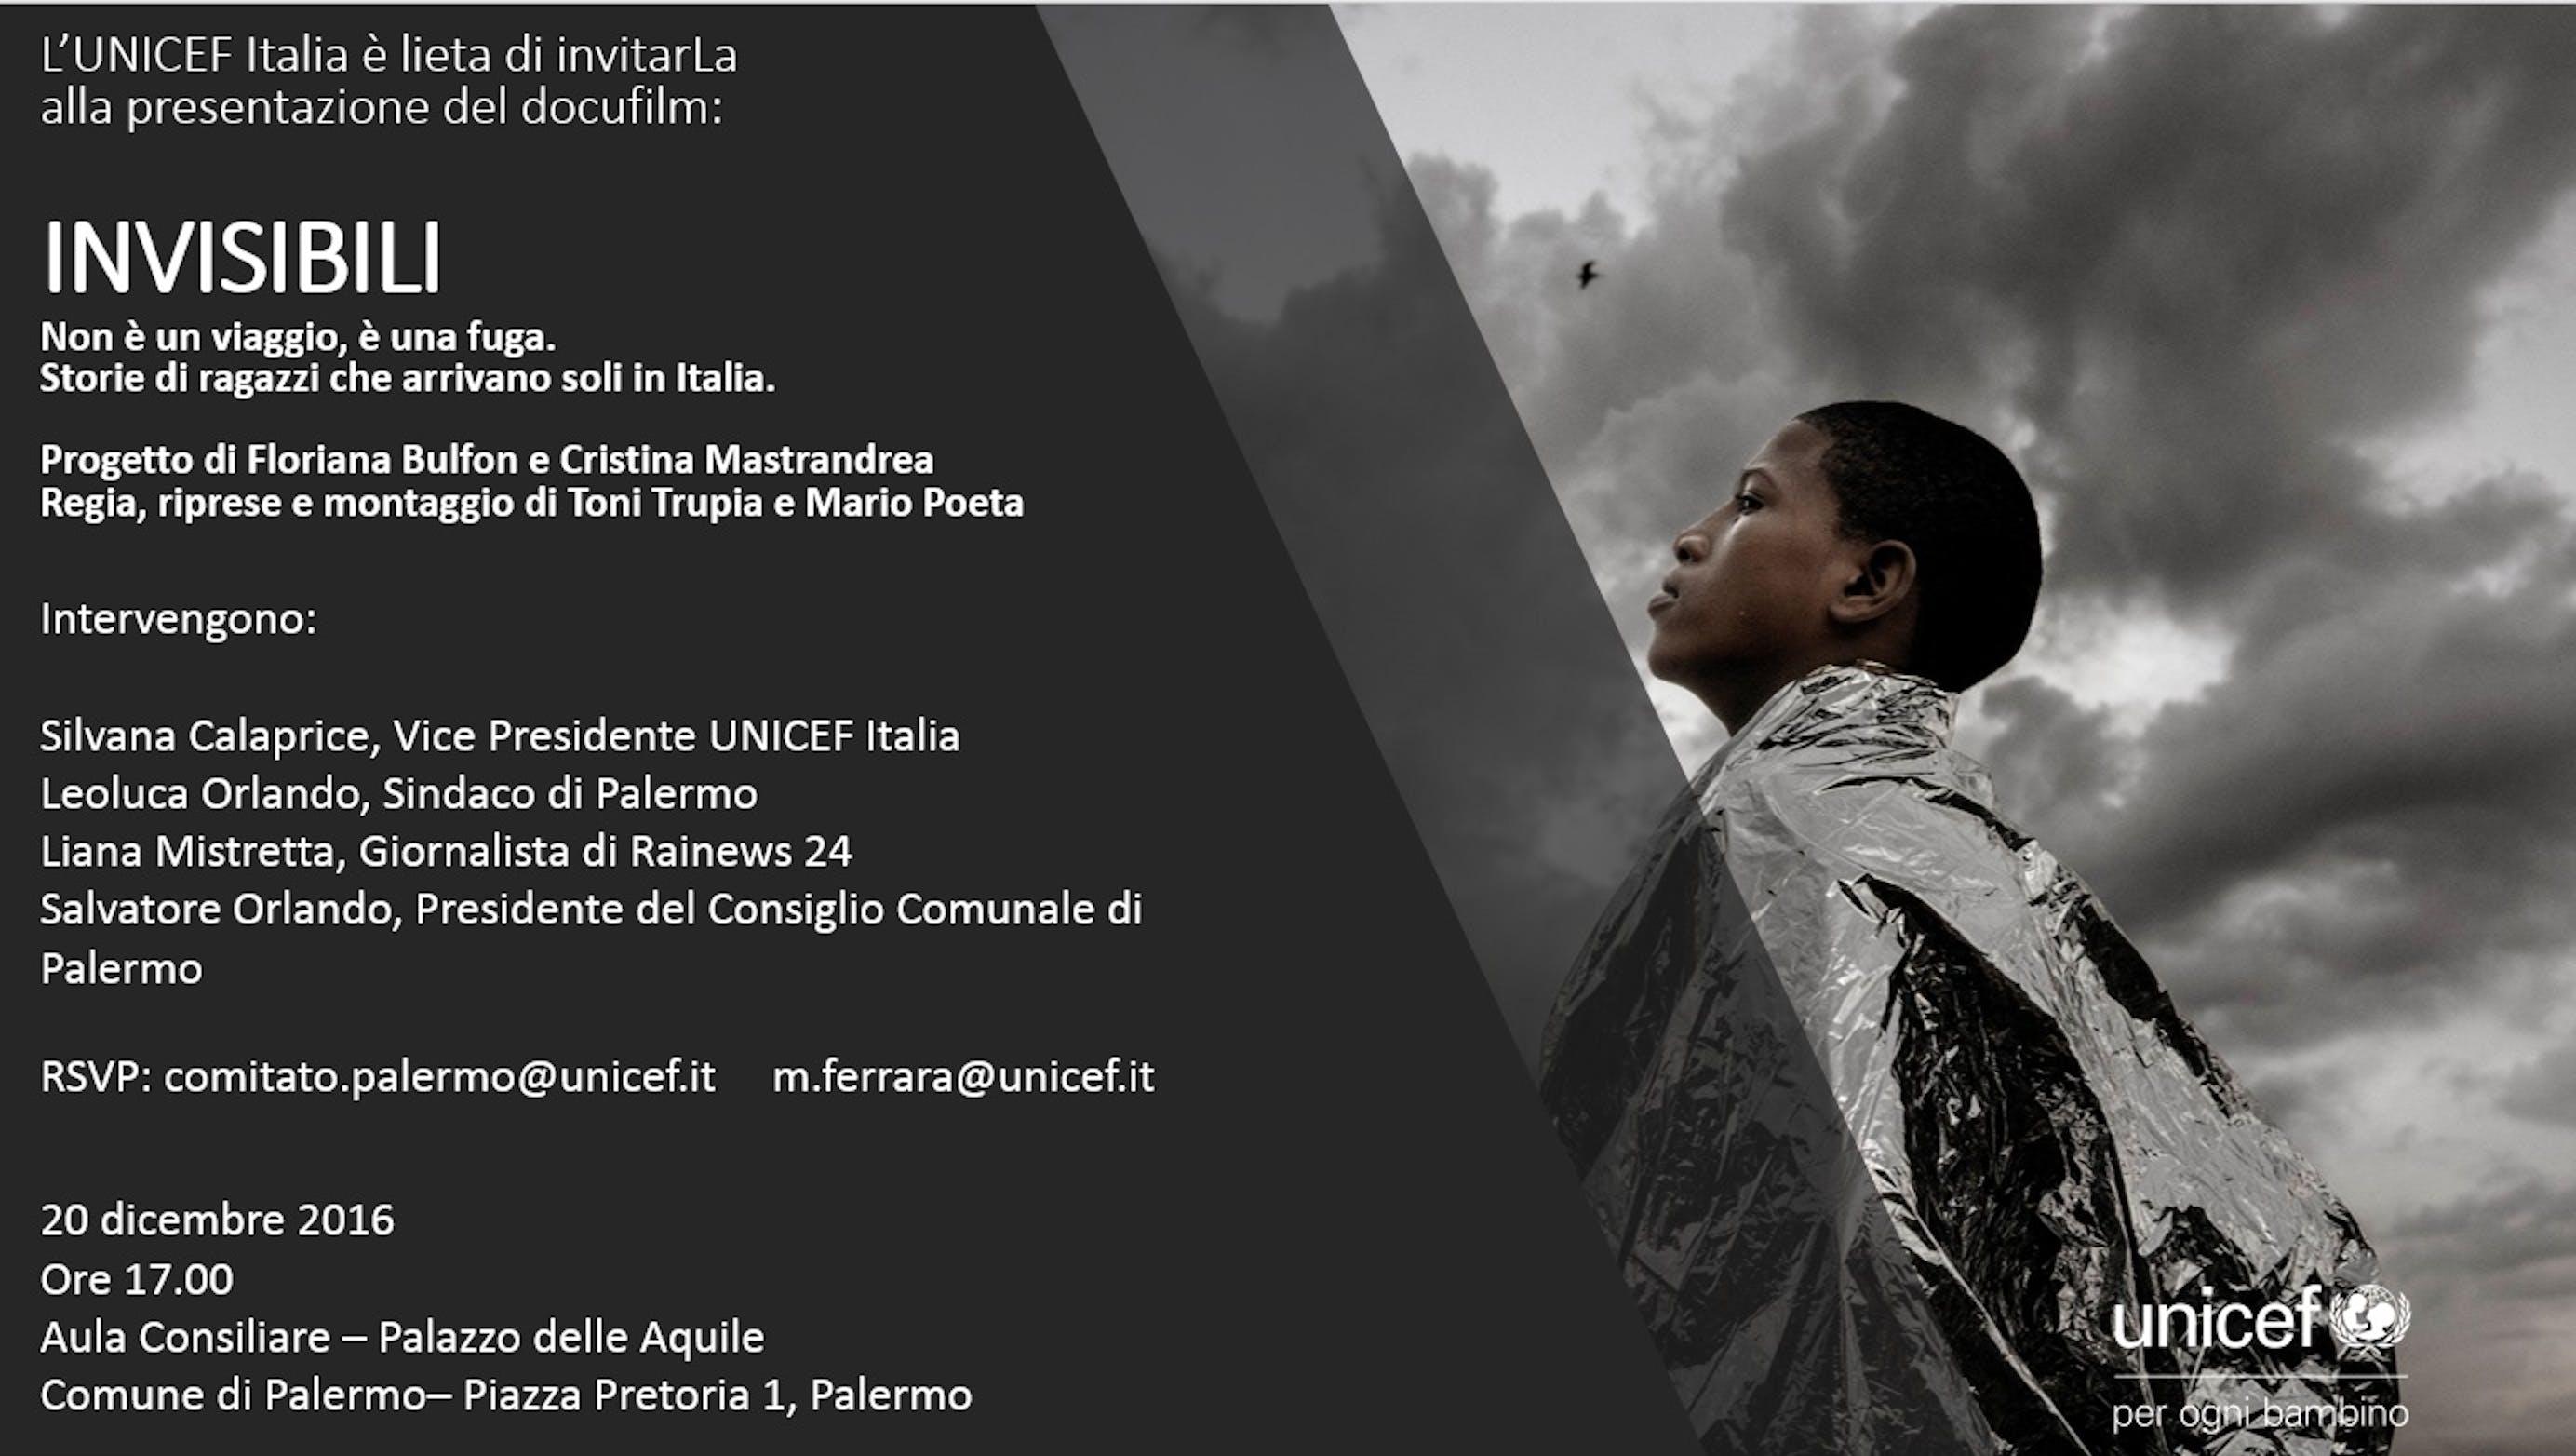 INVISIBILI - Anteprima nazionale in contemporanea a Palermo e Roma